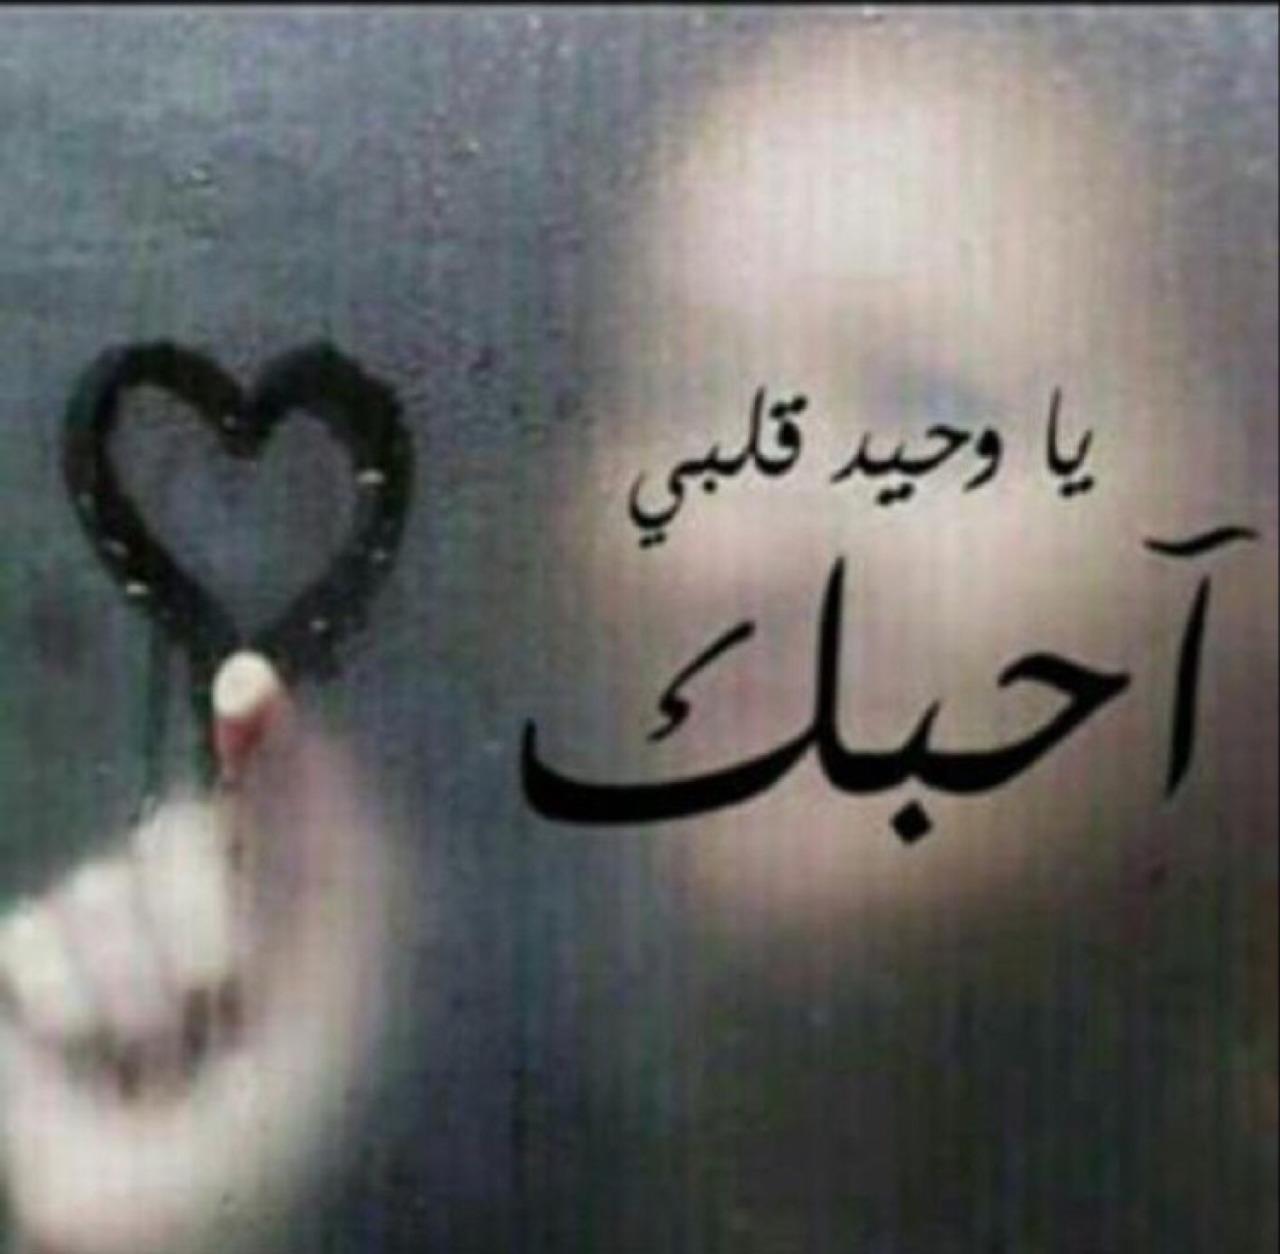 صورة صورحب حزينة جديدة , قلبى اتكسر بسببك